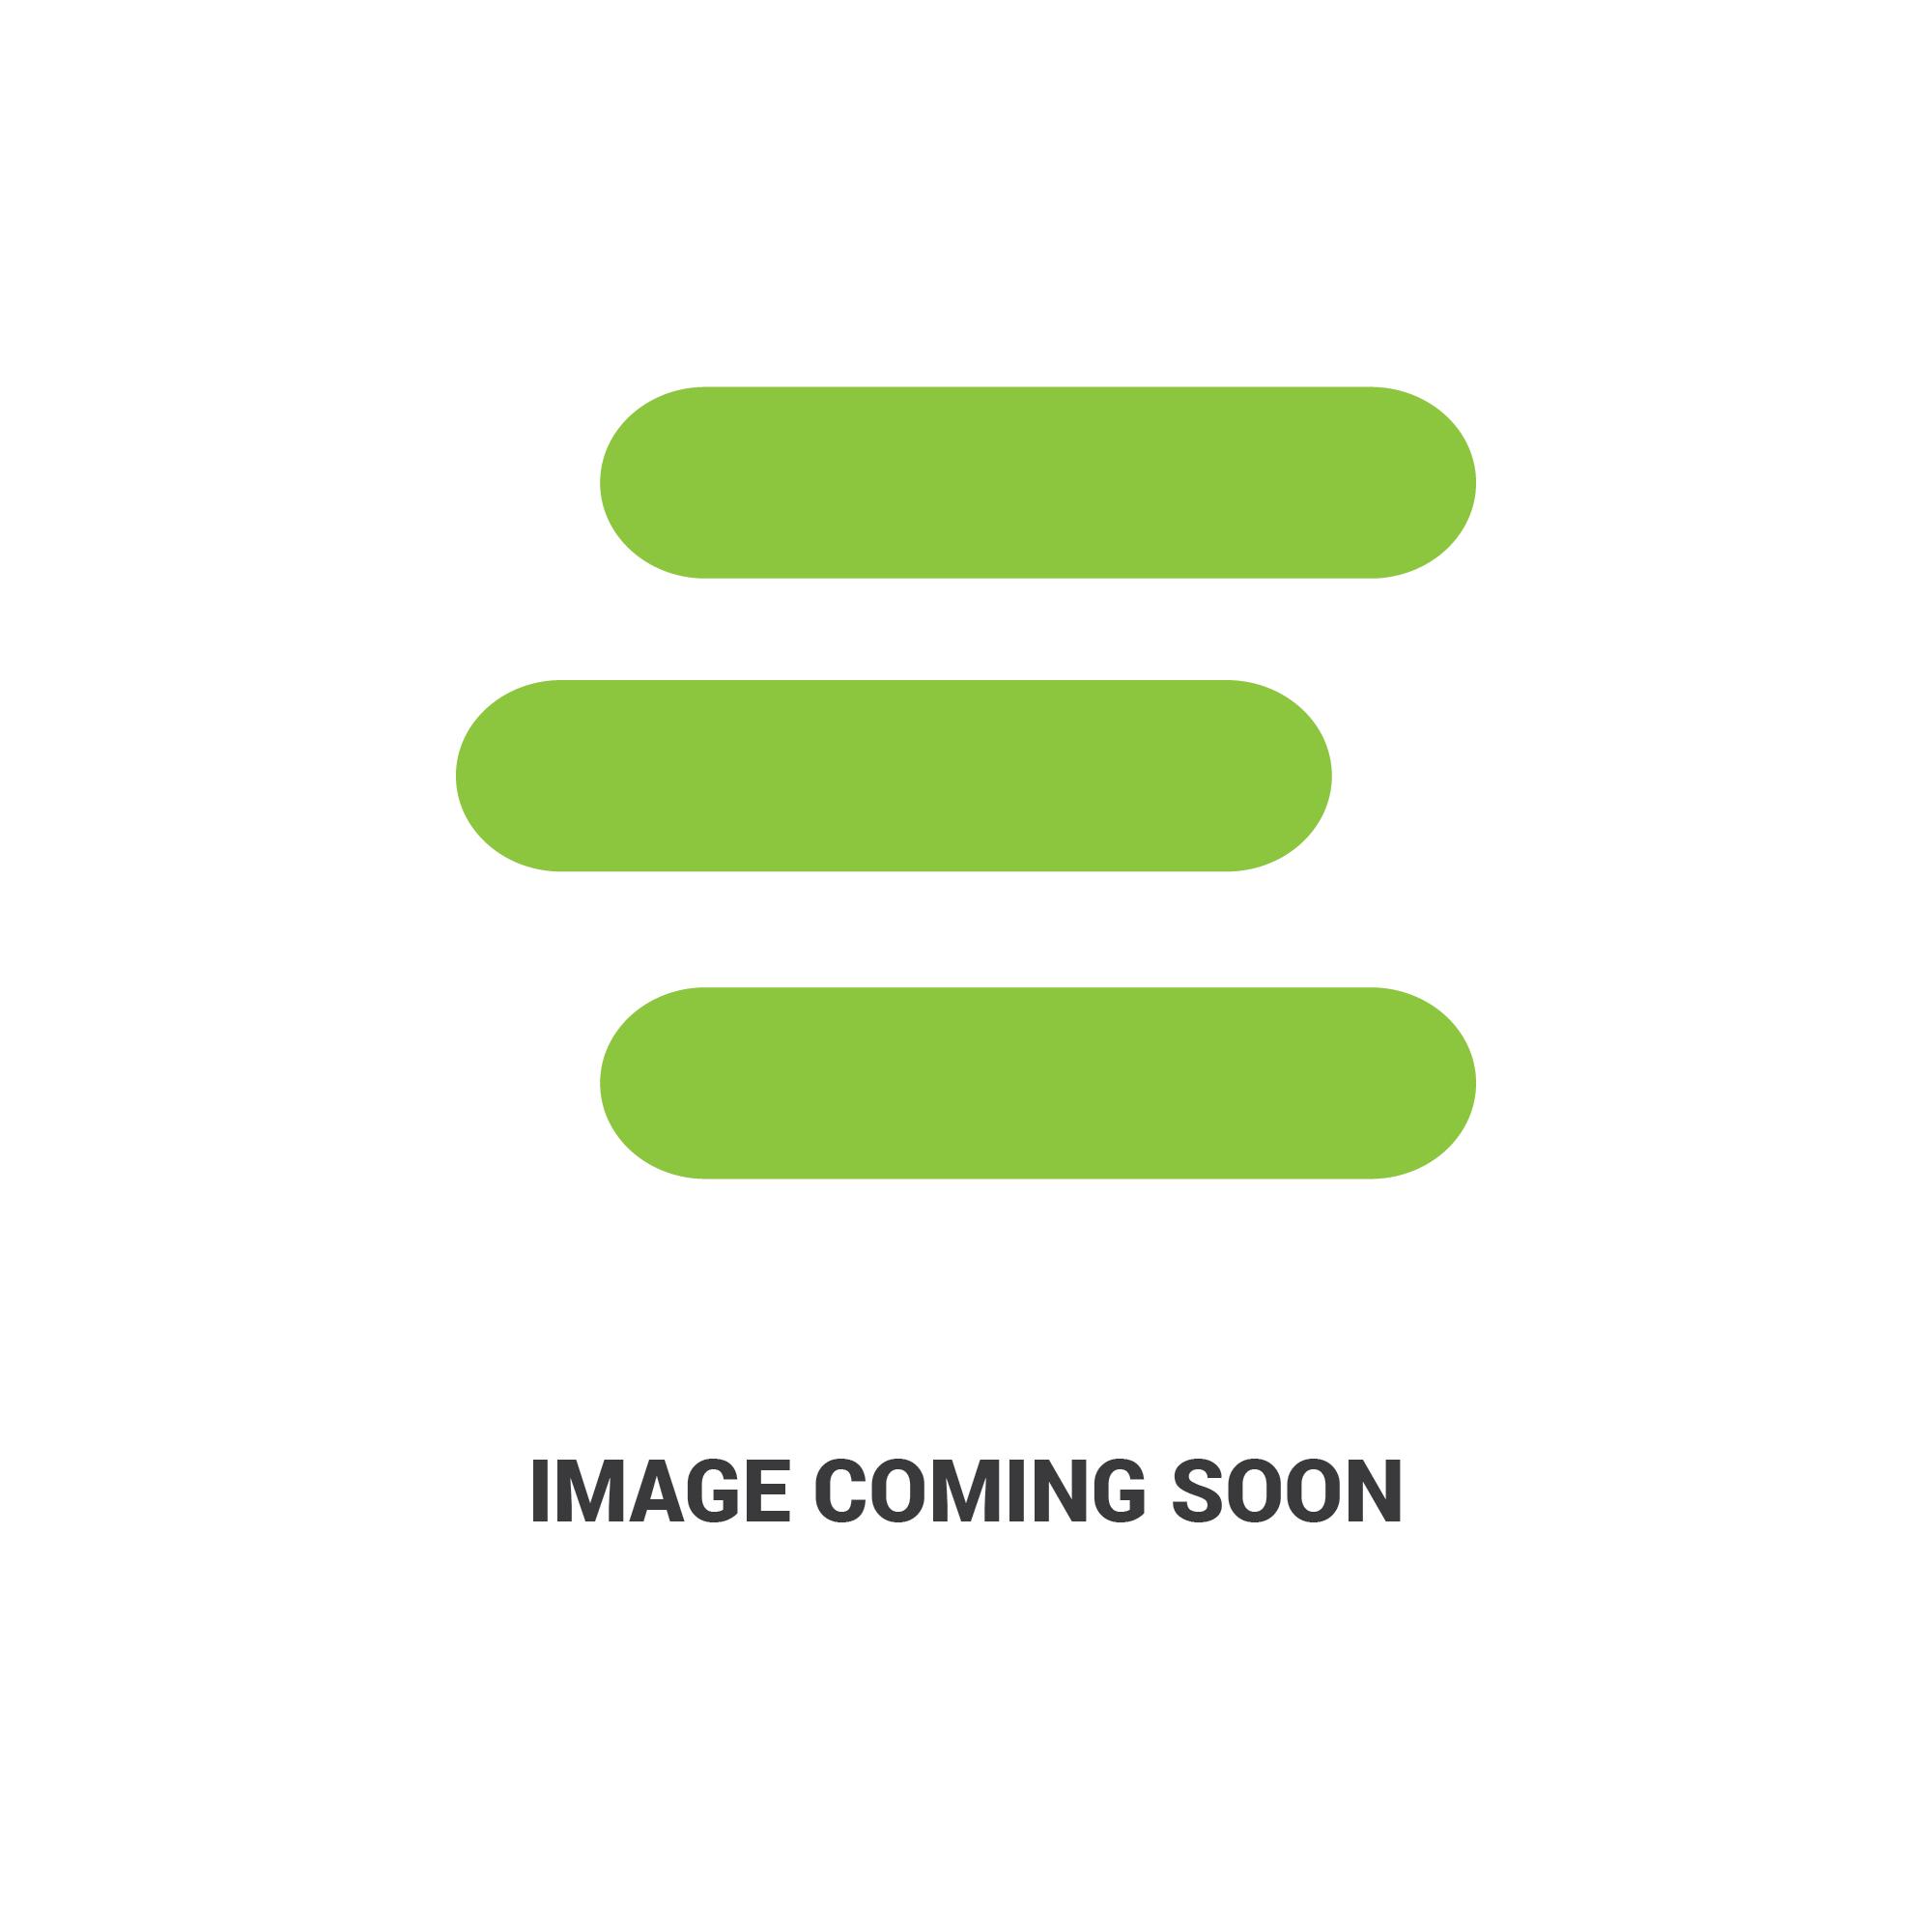 E-AM141482edit 2.jpg